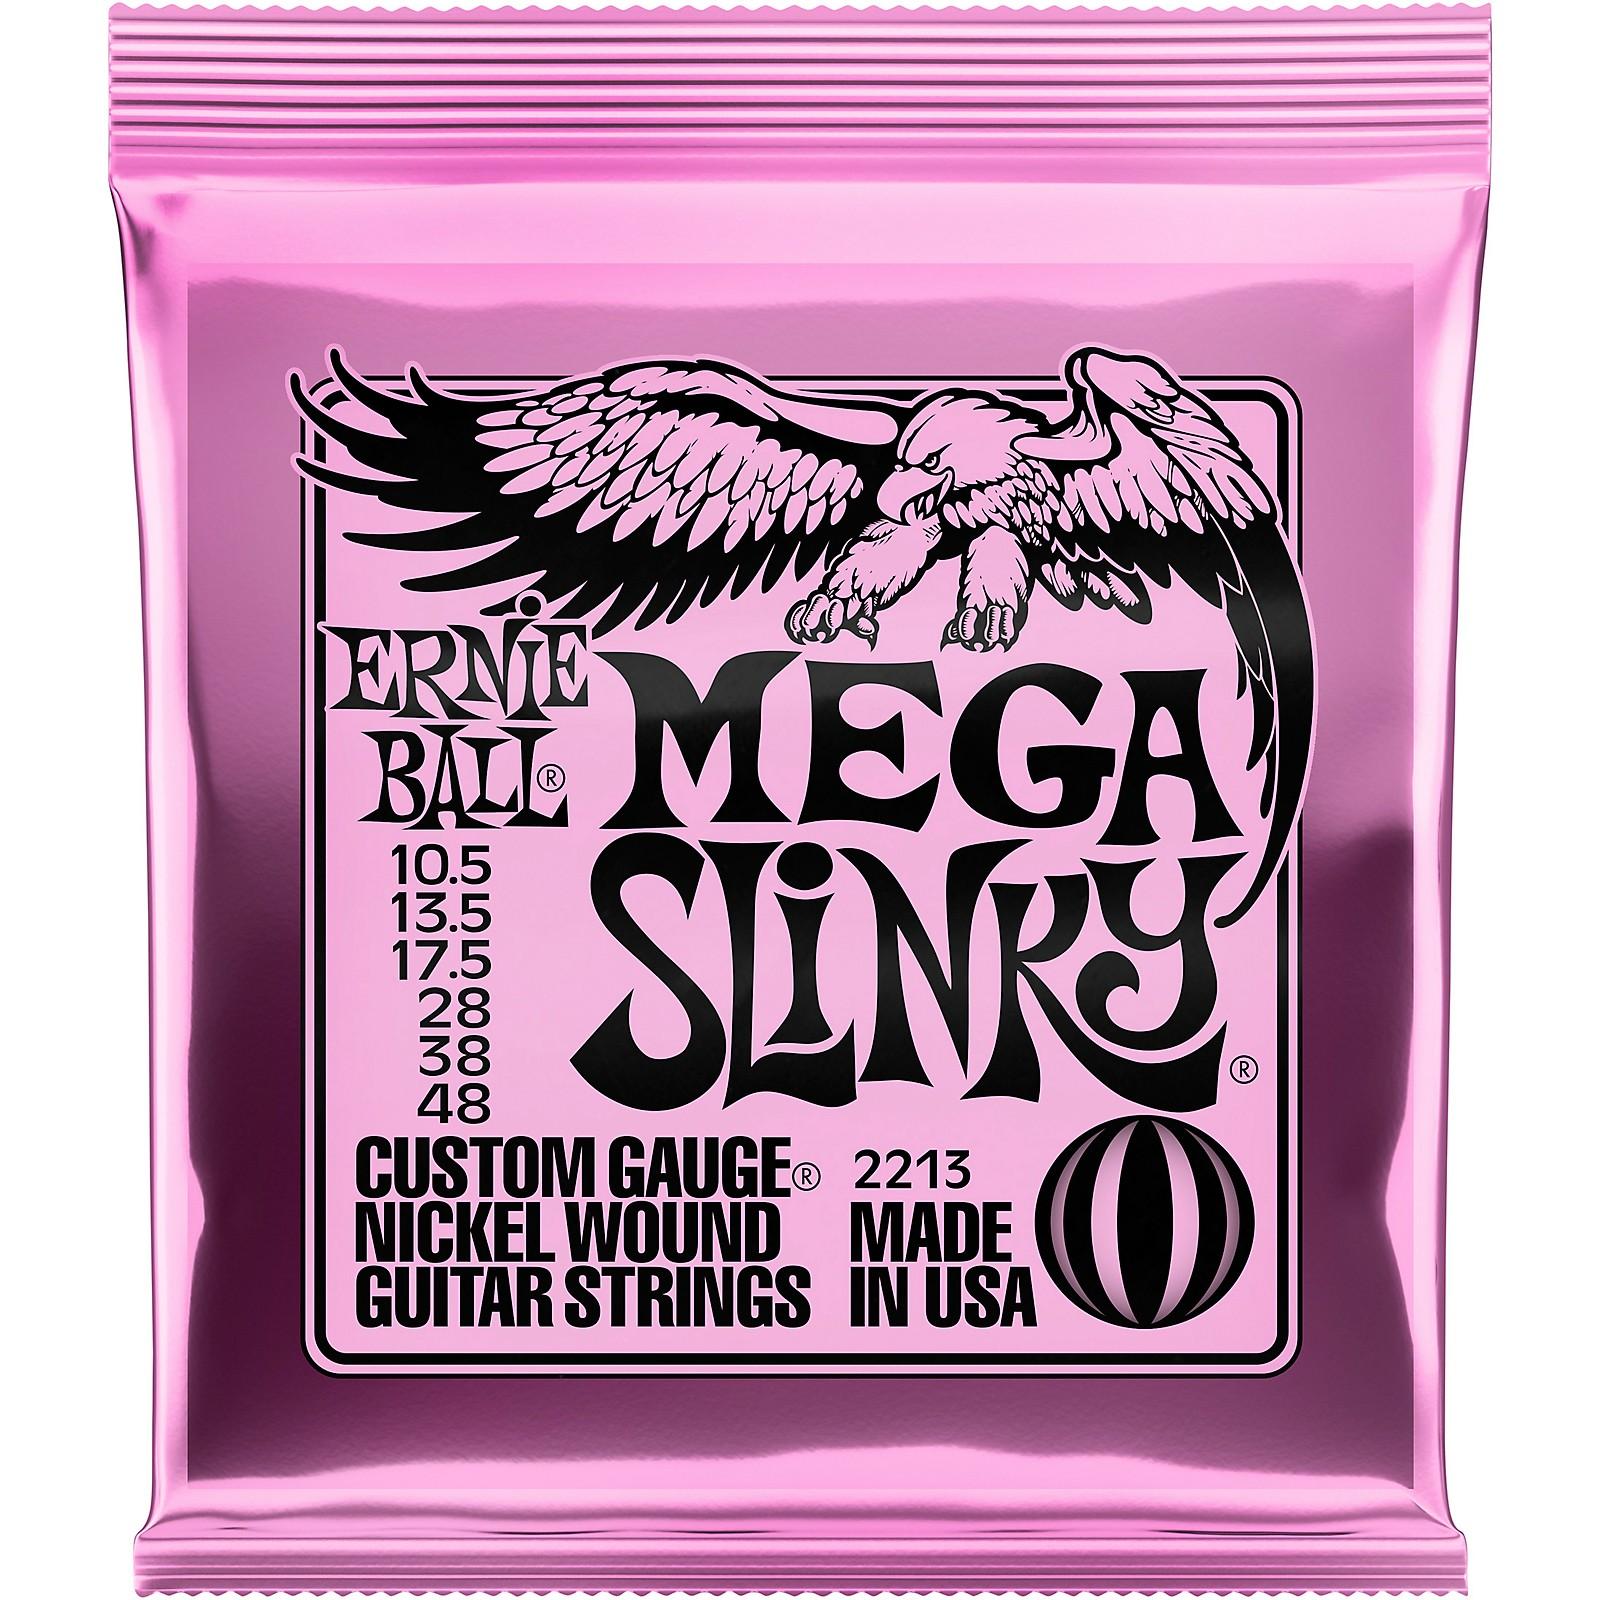 Ernie Ball Mega Slinky Nickel Wound Electric Guitar Strings - Gauge